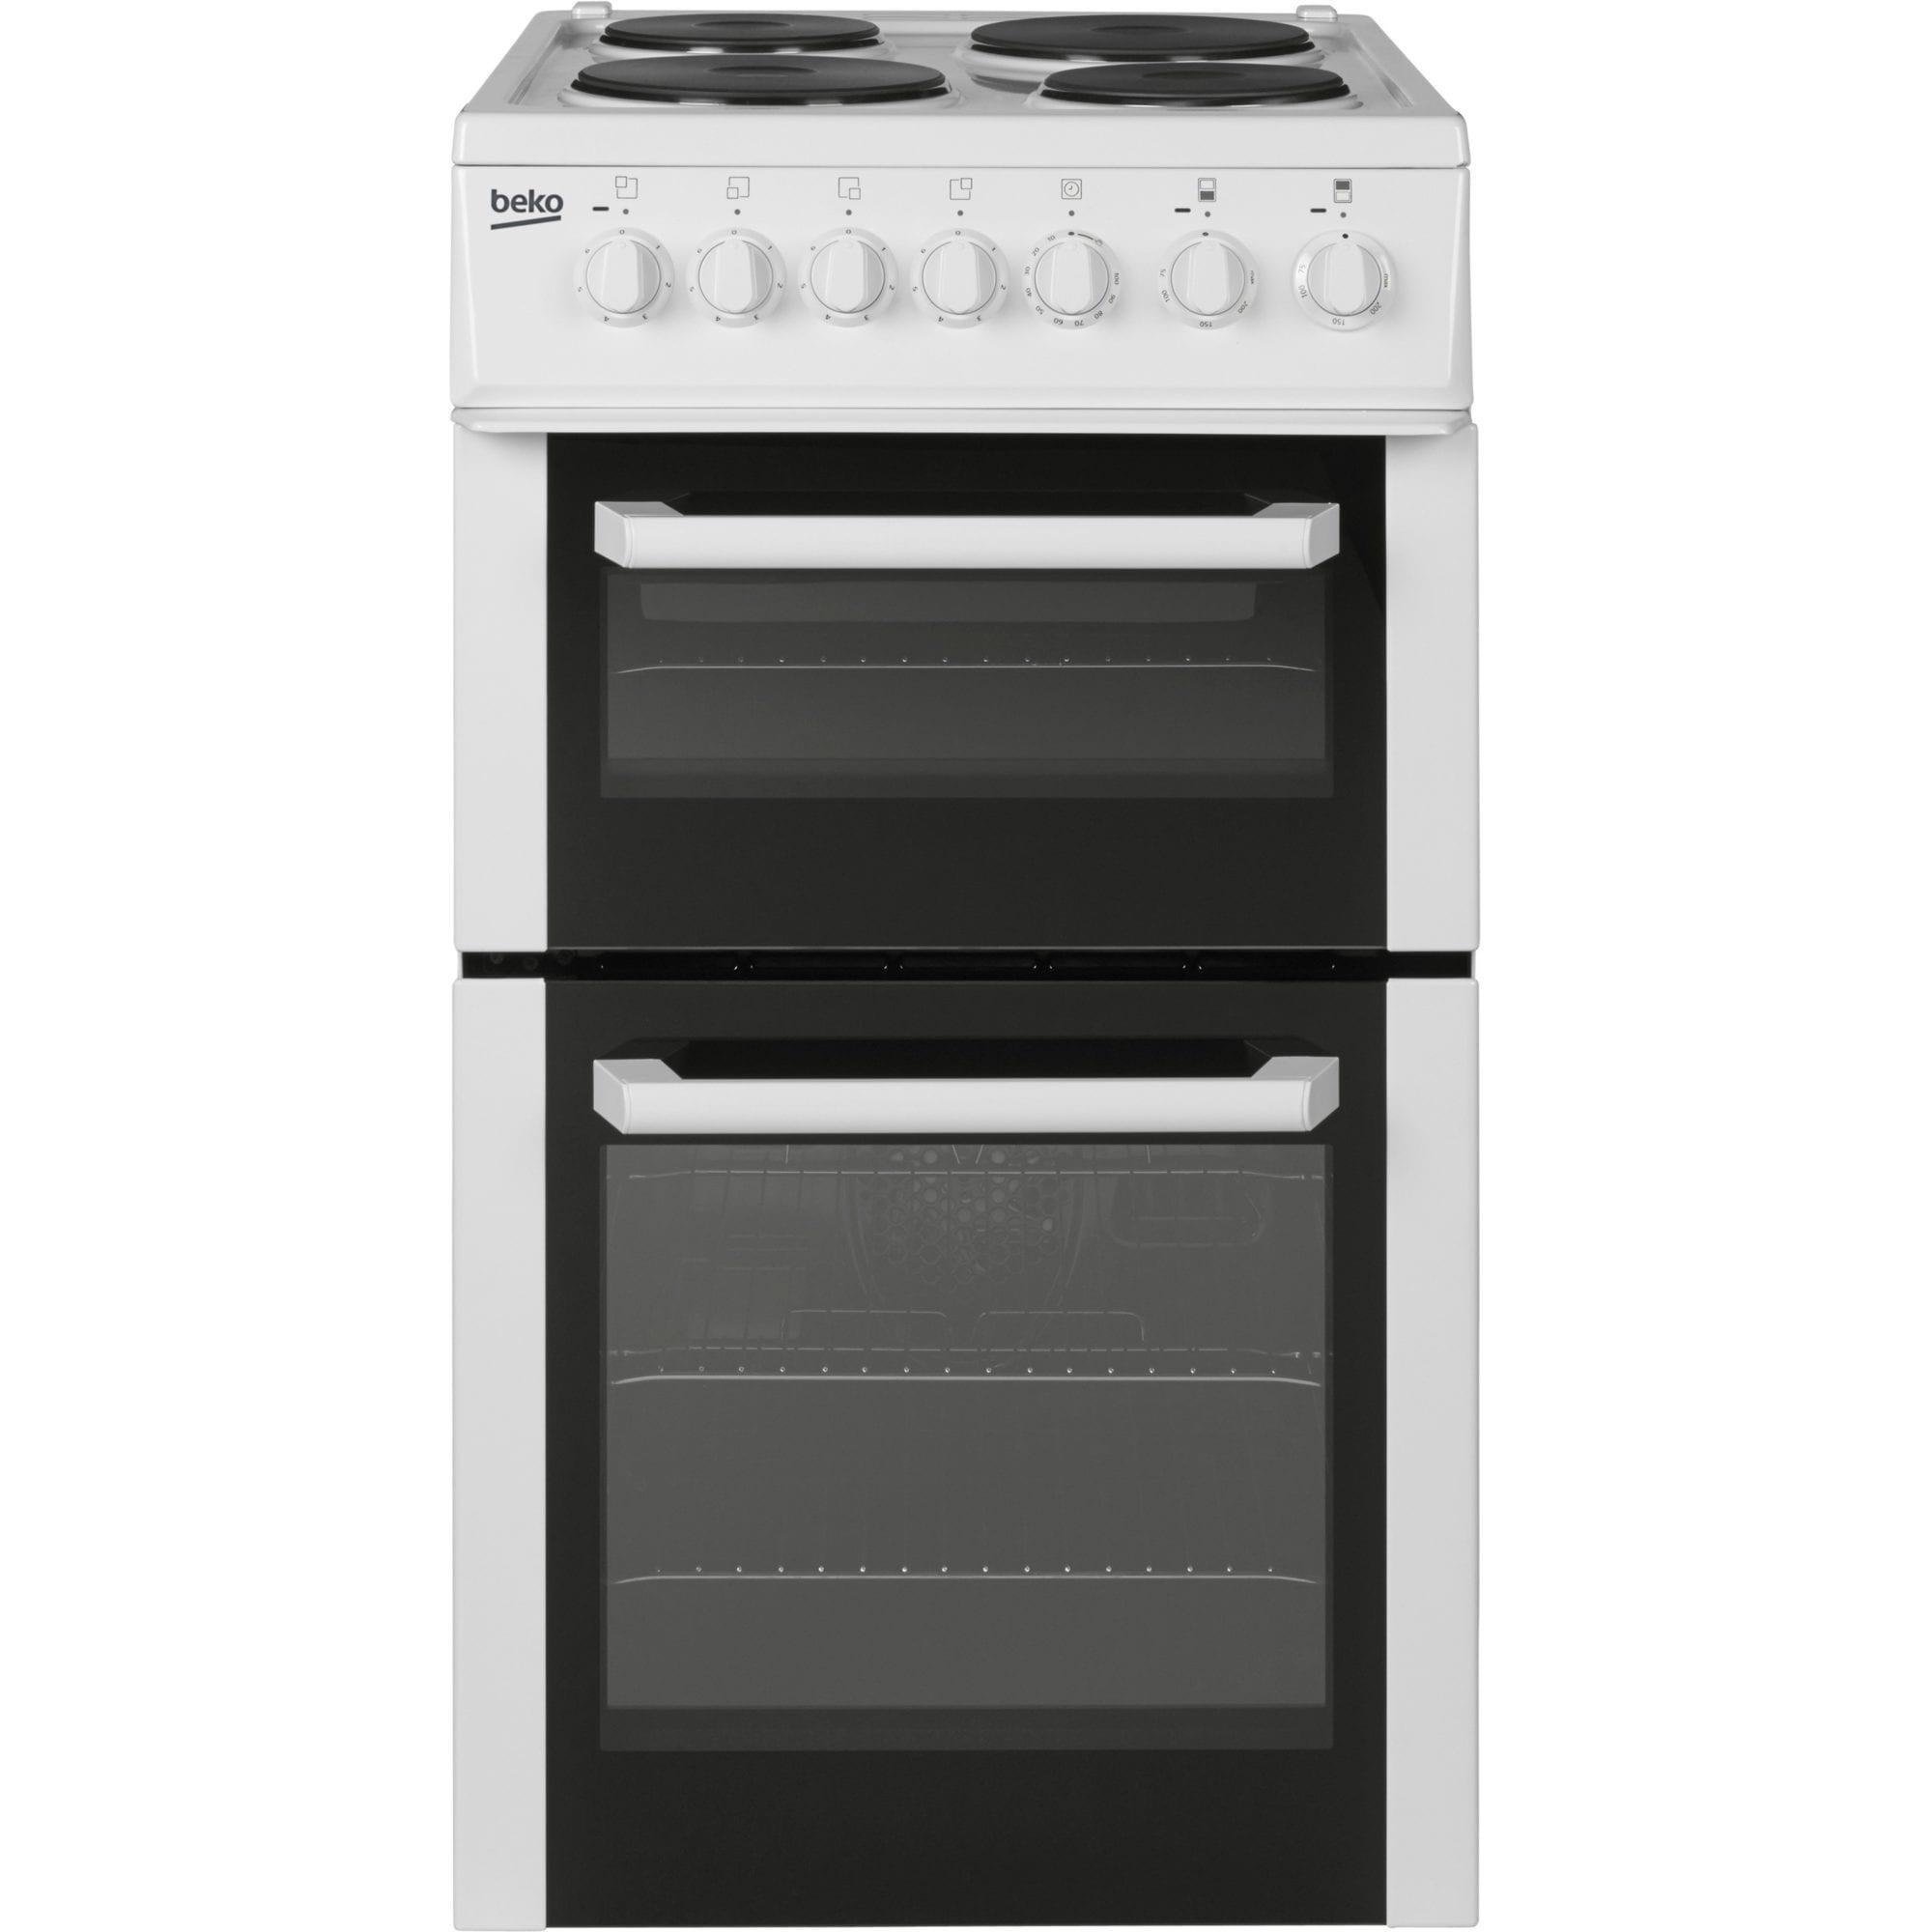 cooker repairs beko cooker repairs rh cookerrepairszaireki blogspot com Beko Cookers UK beko cooker hood user manual